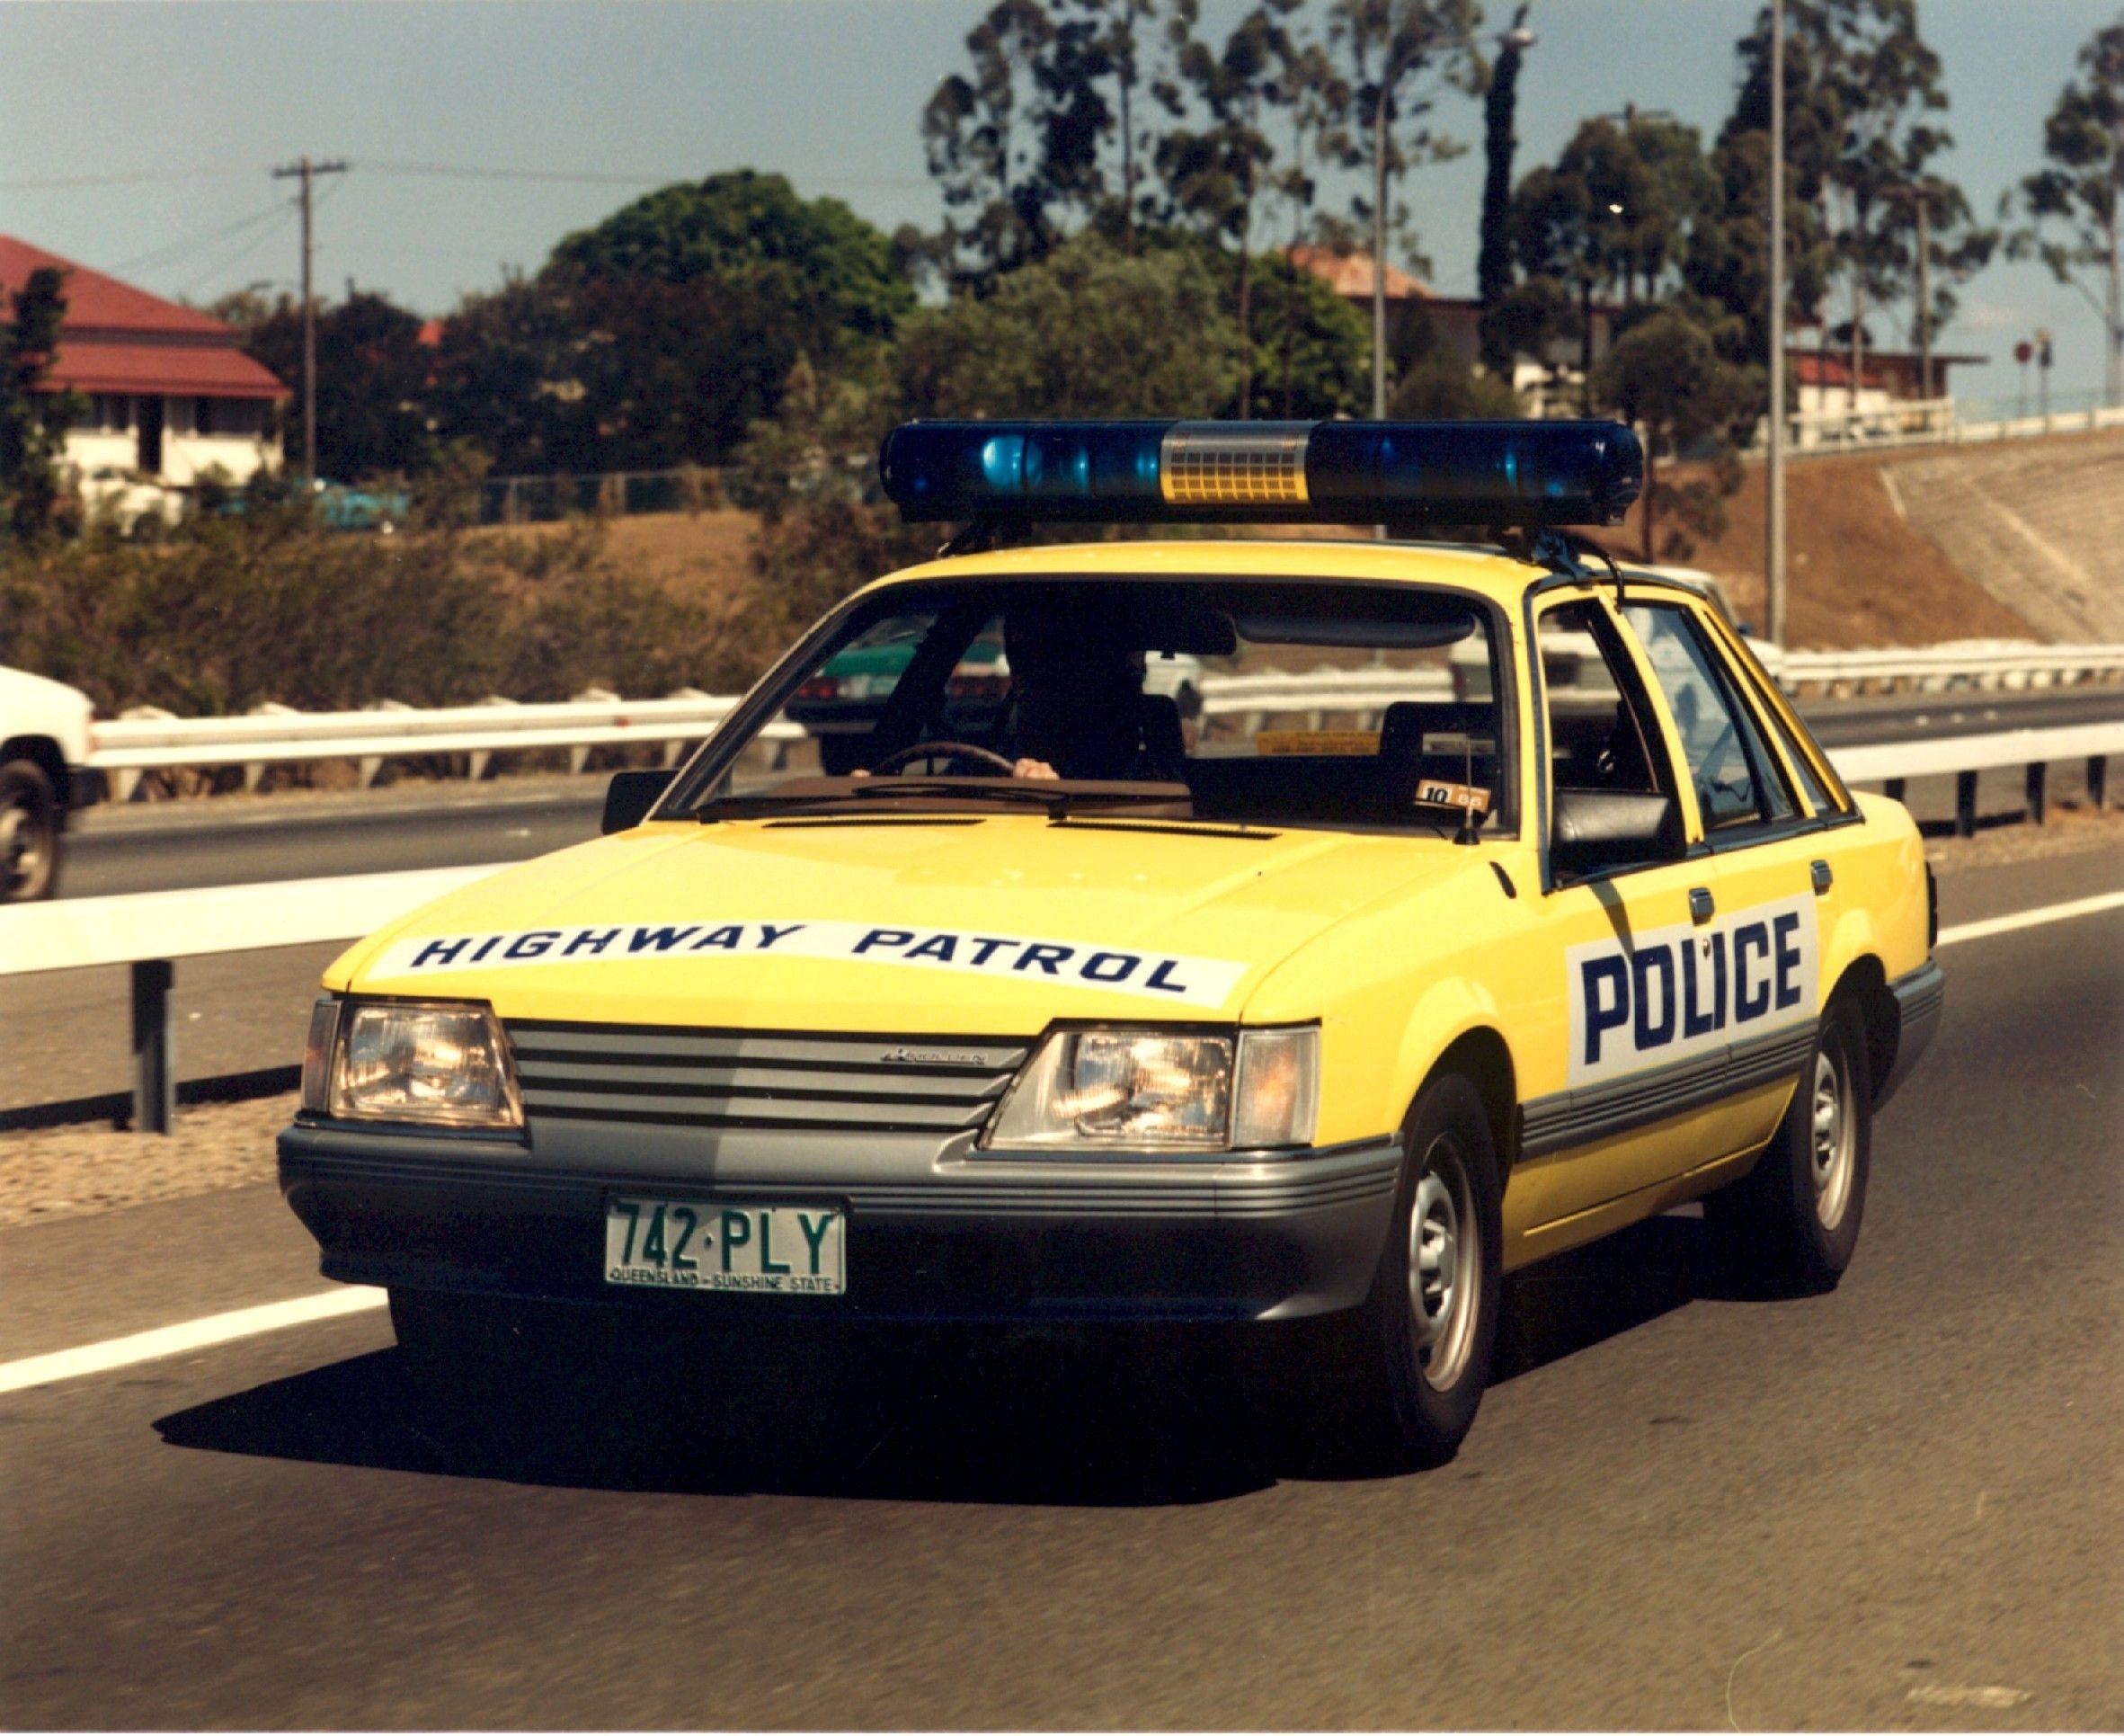 Highway Patrol Vehicle Queensland Australia Vintage